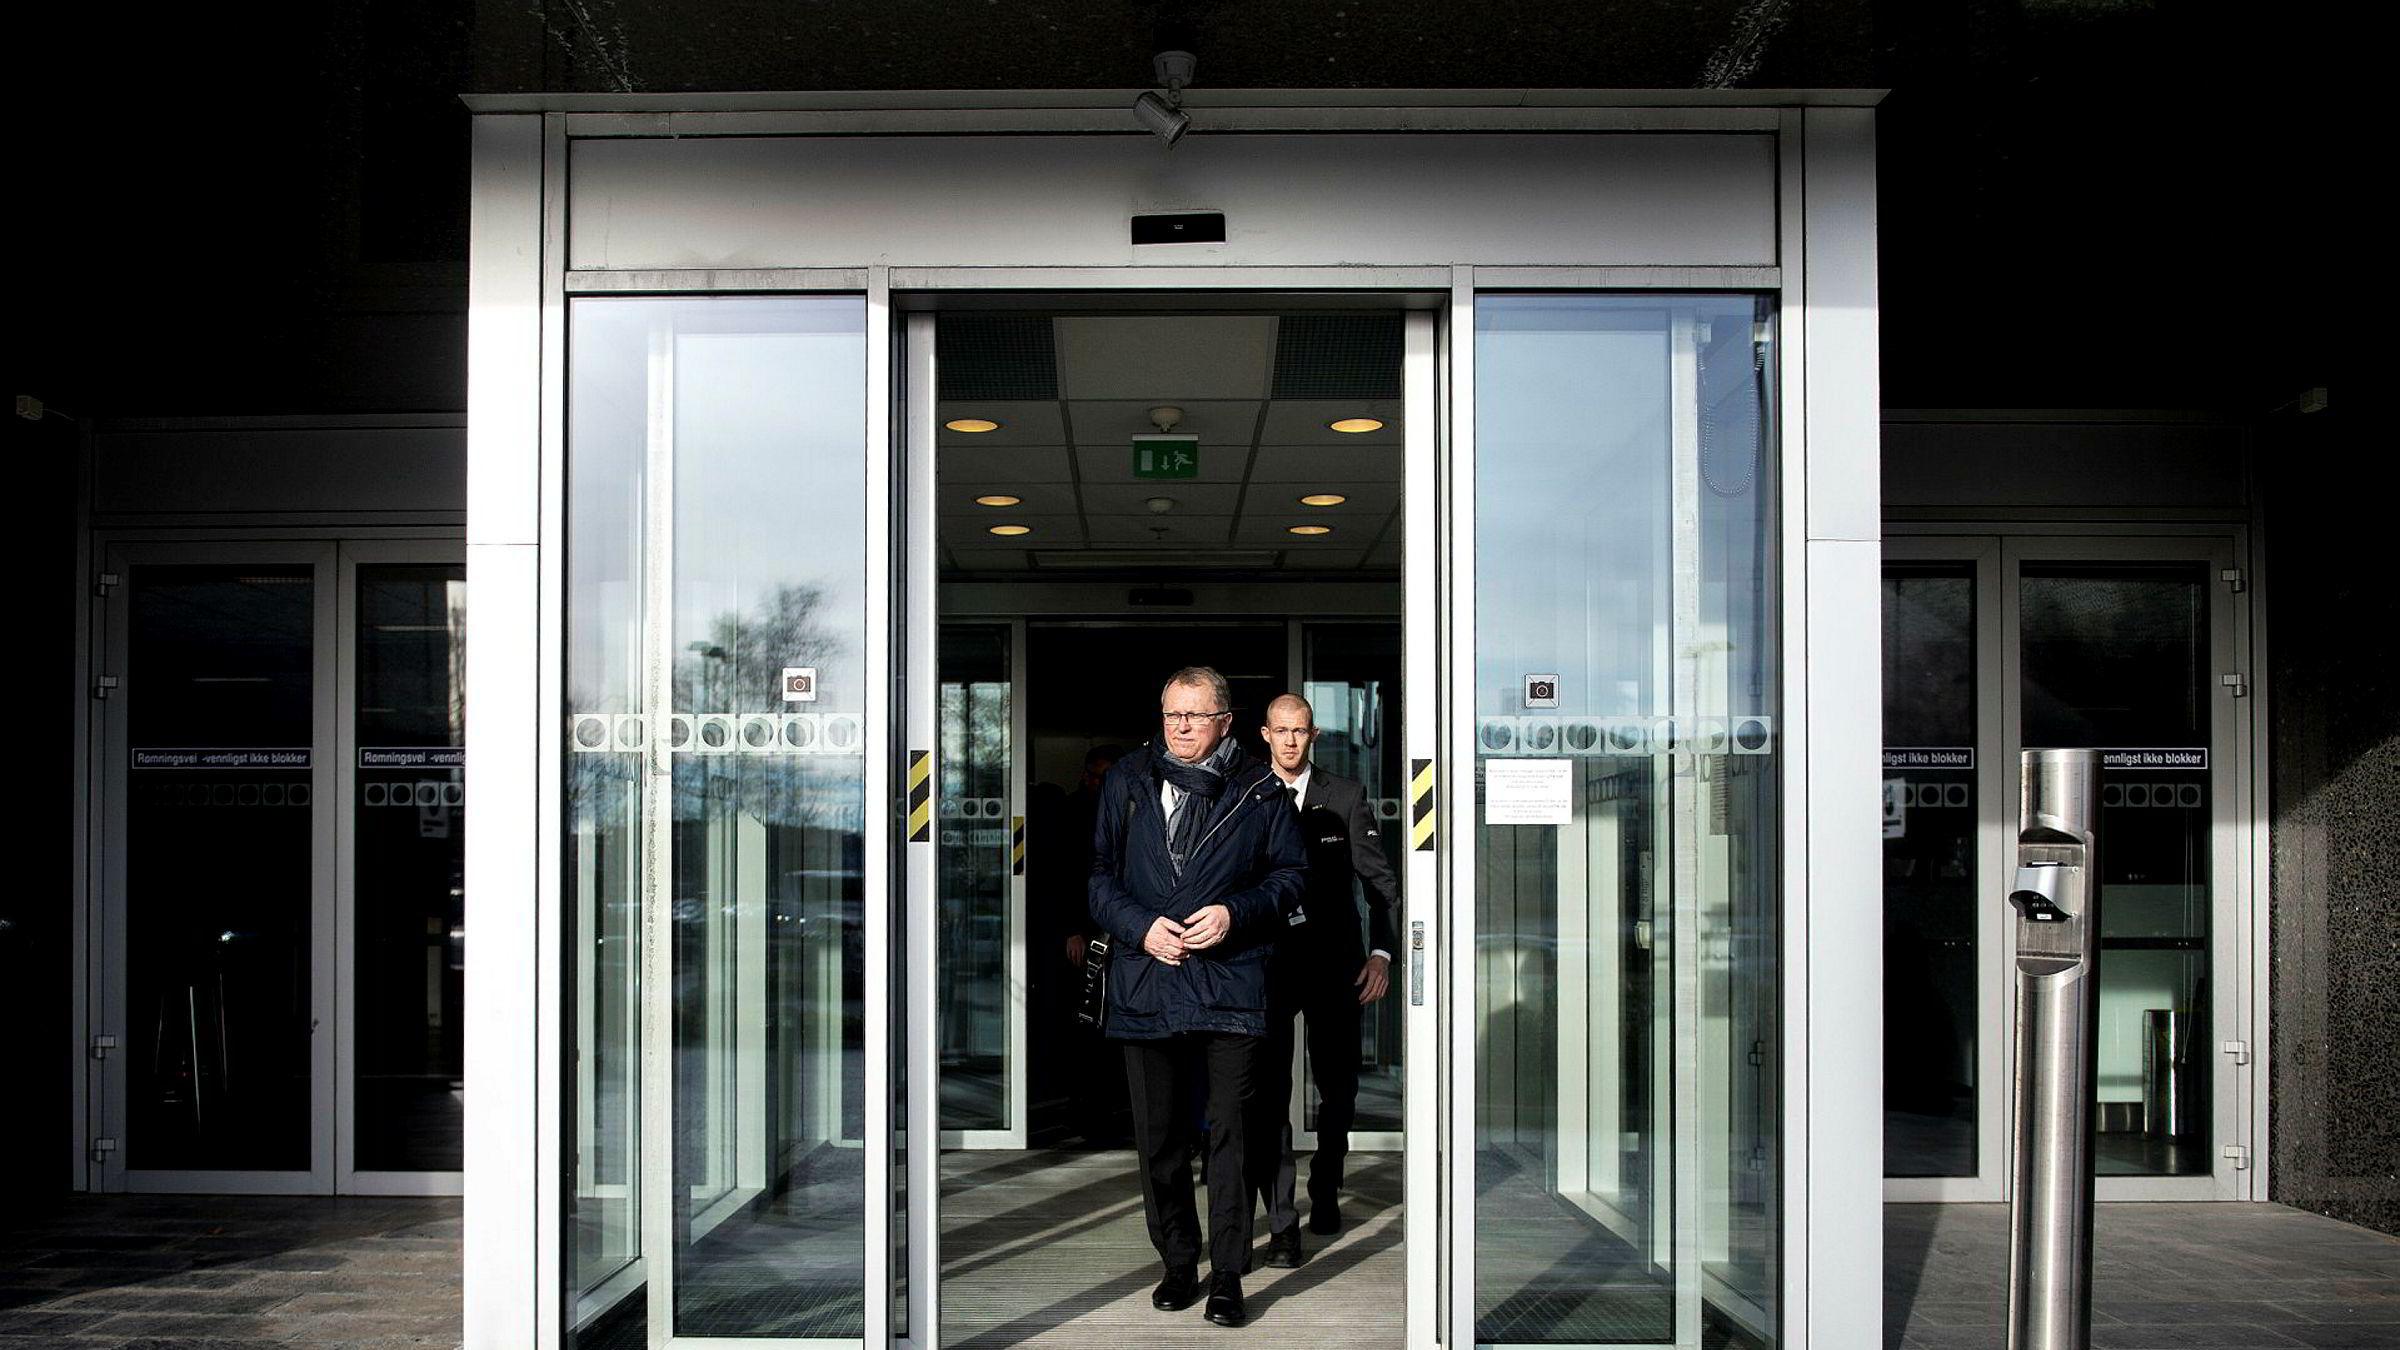 Statoil-sjef Eldar Sætre lanserte sist uke forslaget til nytt navn på oljeselskapet under et allmøte i Stavanger, et navn som nettopp skal henspille på